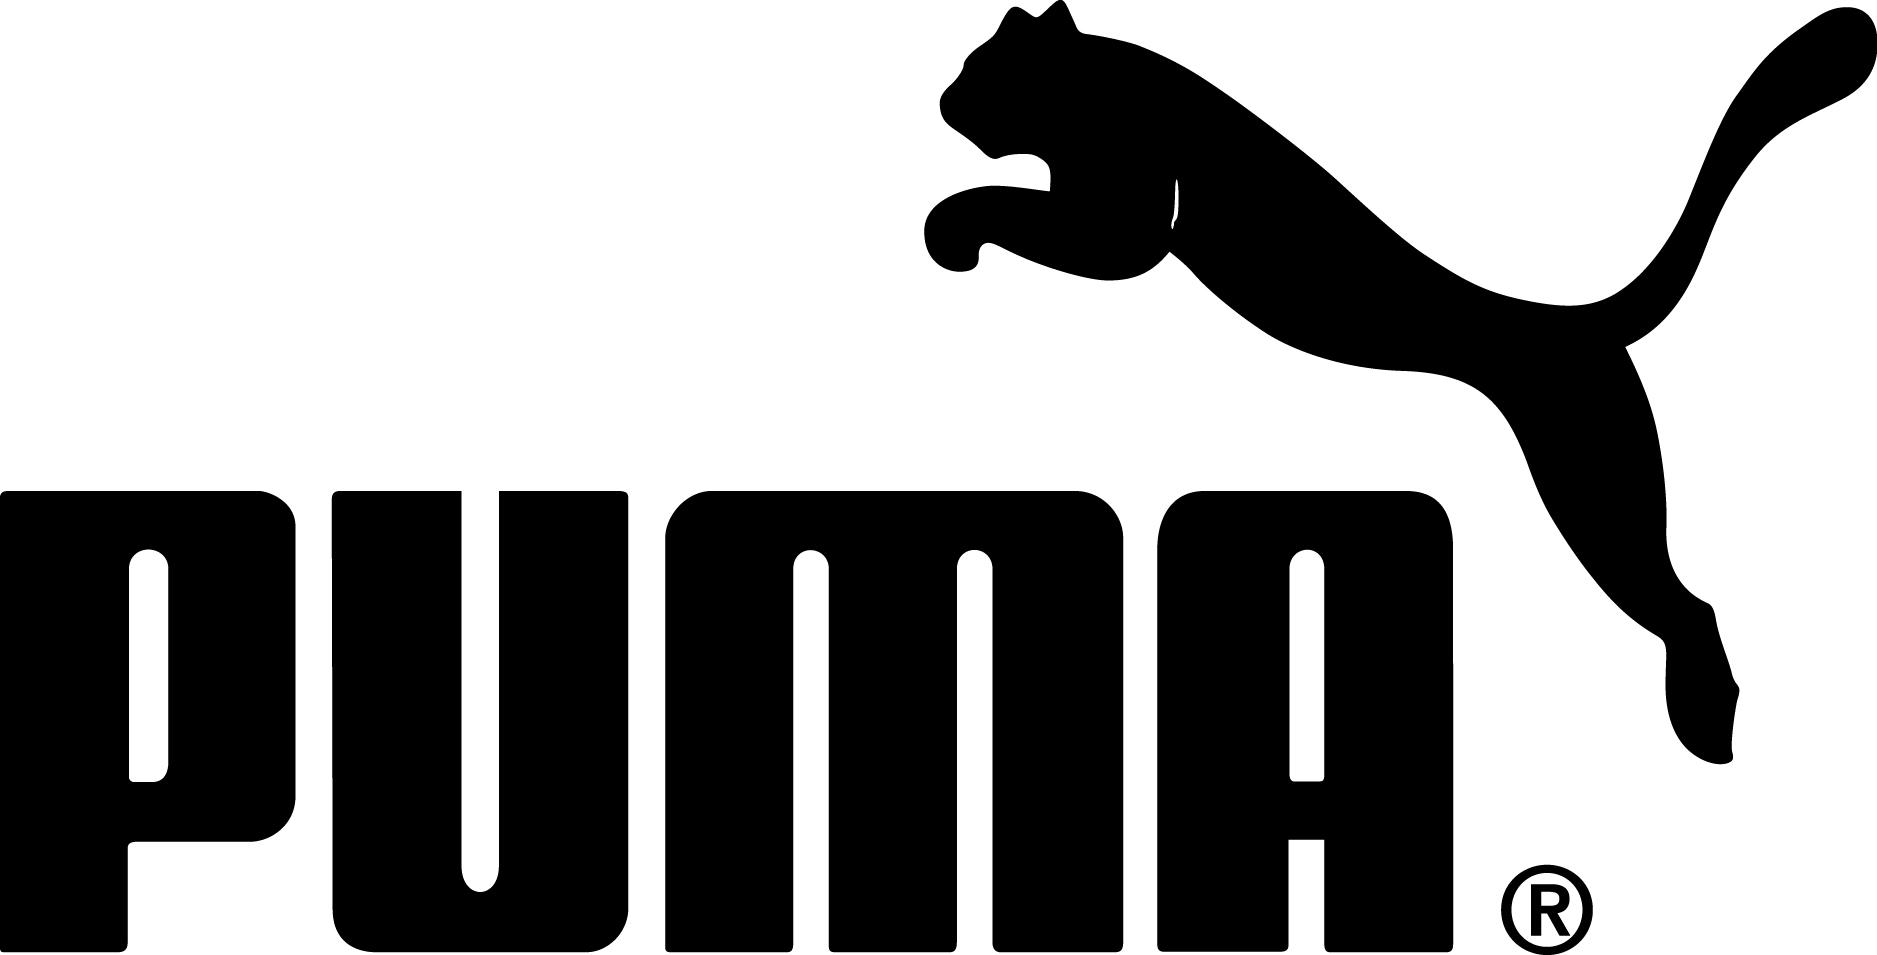 Puma_bw_300dpi_cmyk